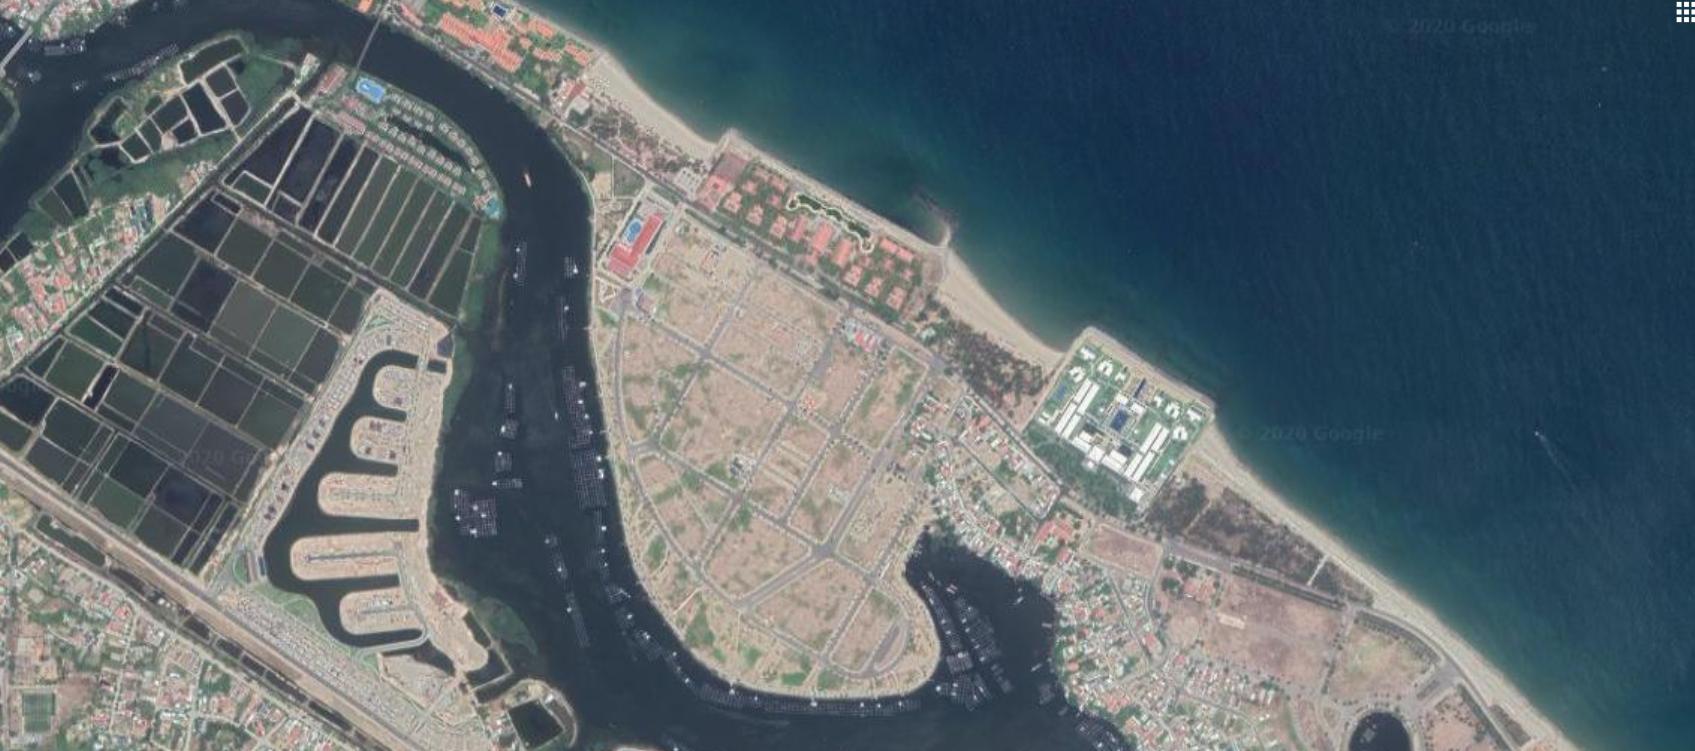 VietinBank đấu giá 4 lô đất tại Quảng Nam, giá khởi điểm 500 tỉ đồng - Ảnh 1.